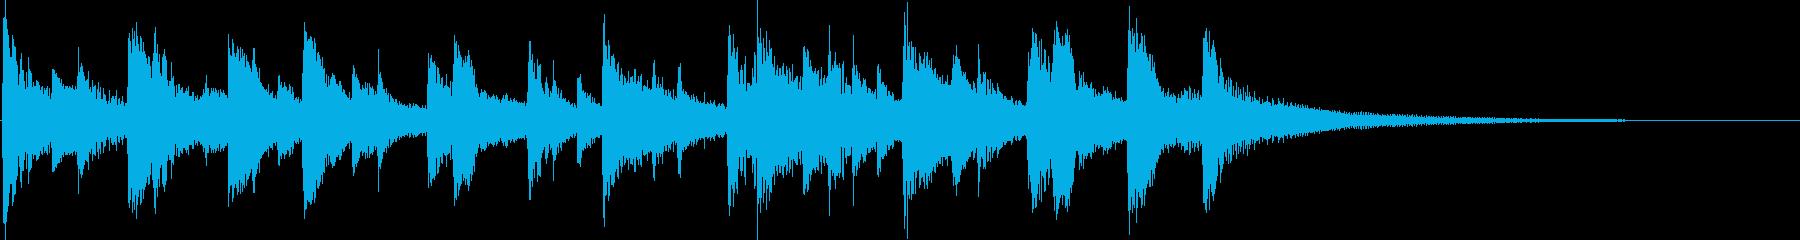 ほのぼの・牧歌的なジングル・カントリー調の再生済みの波形